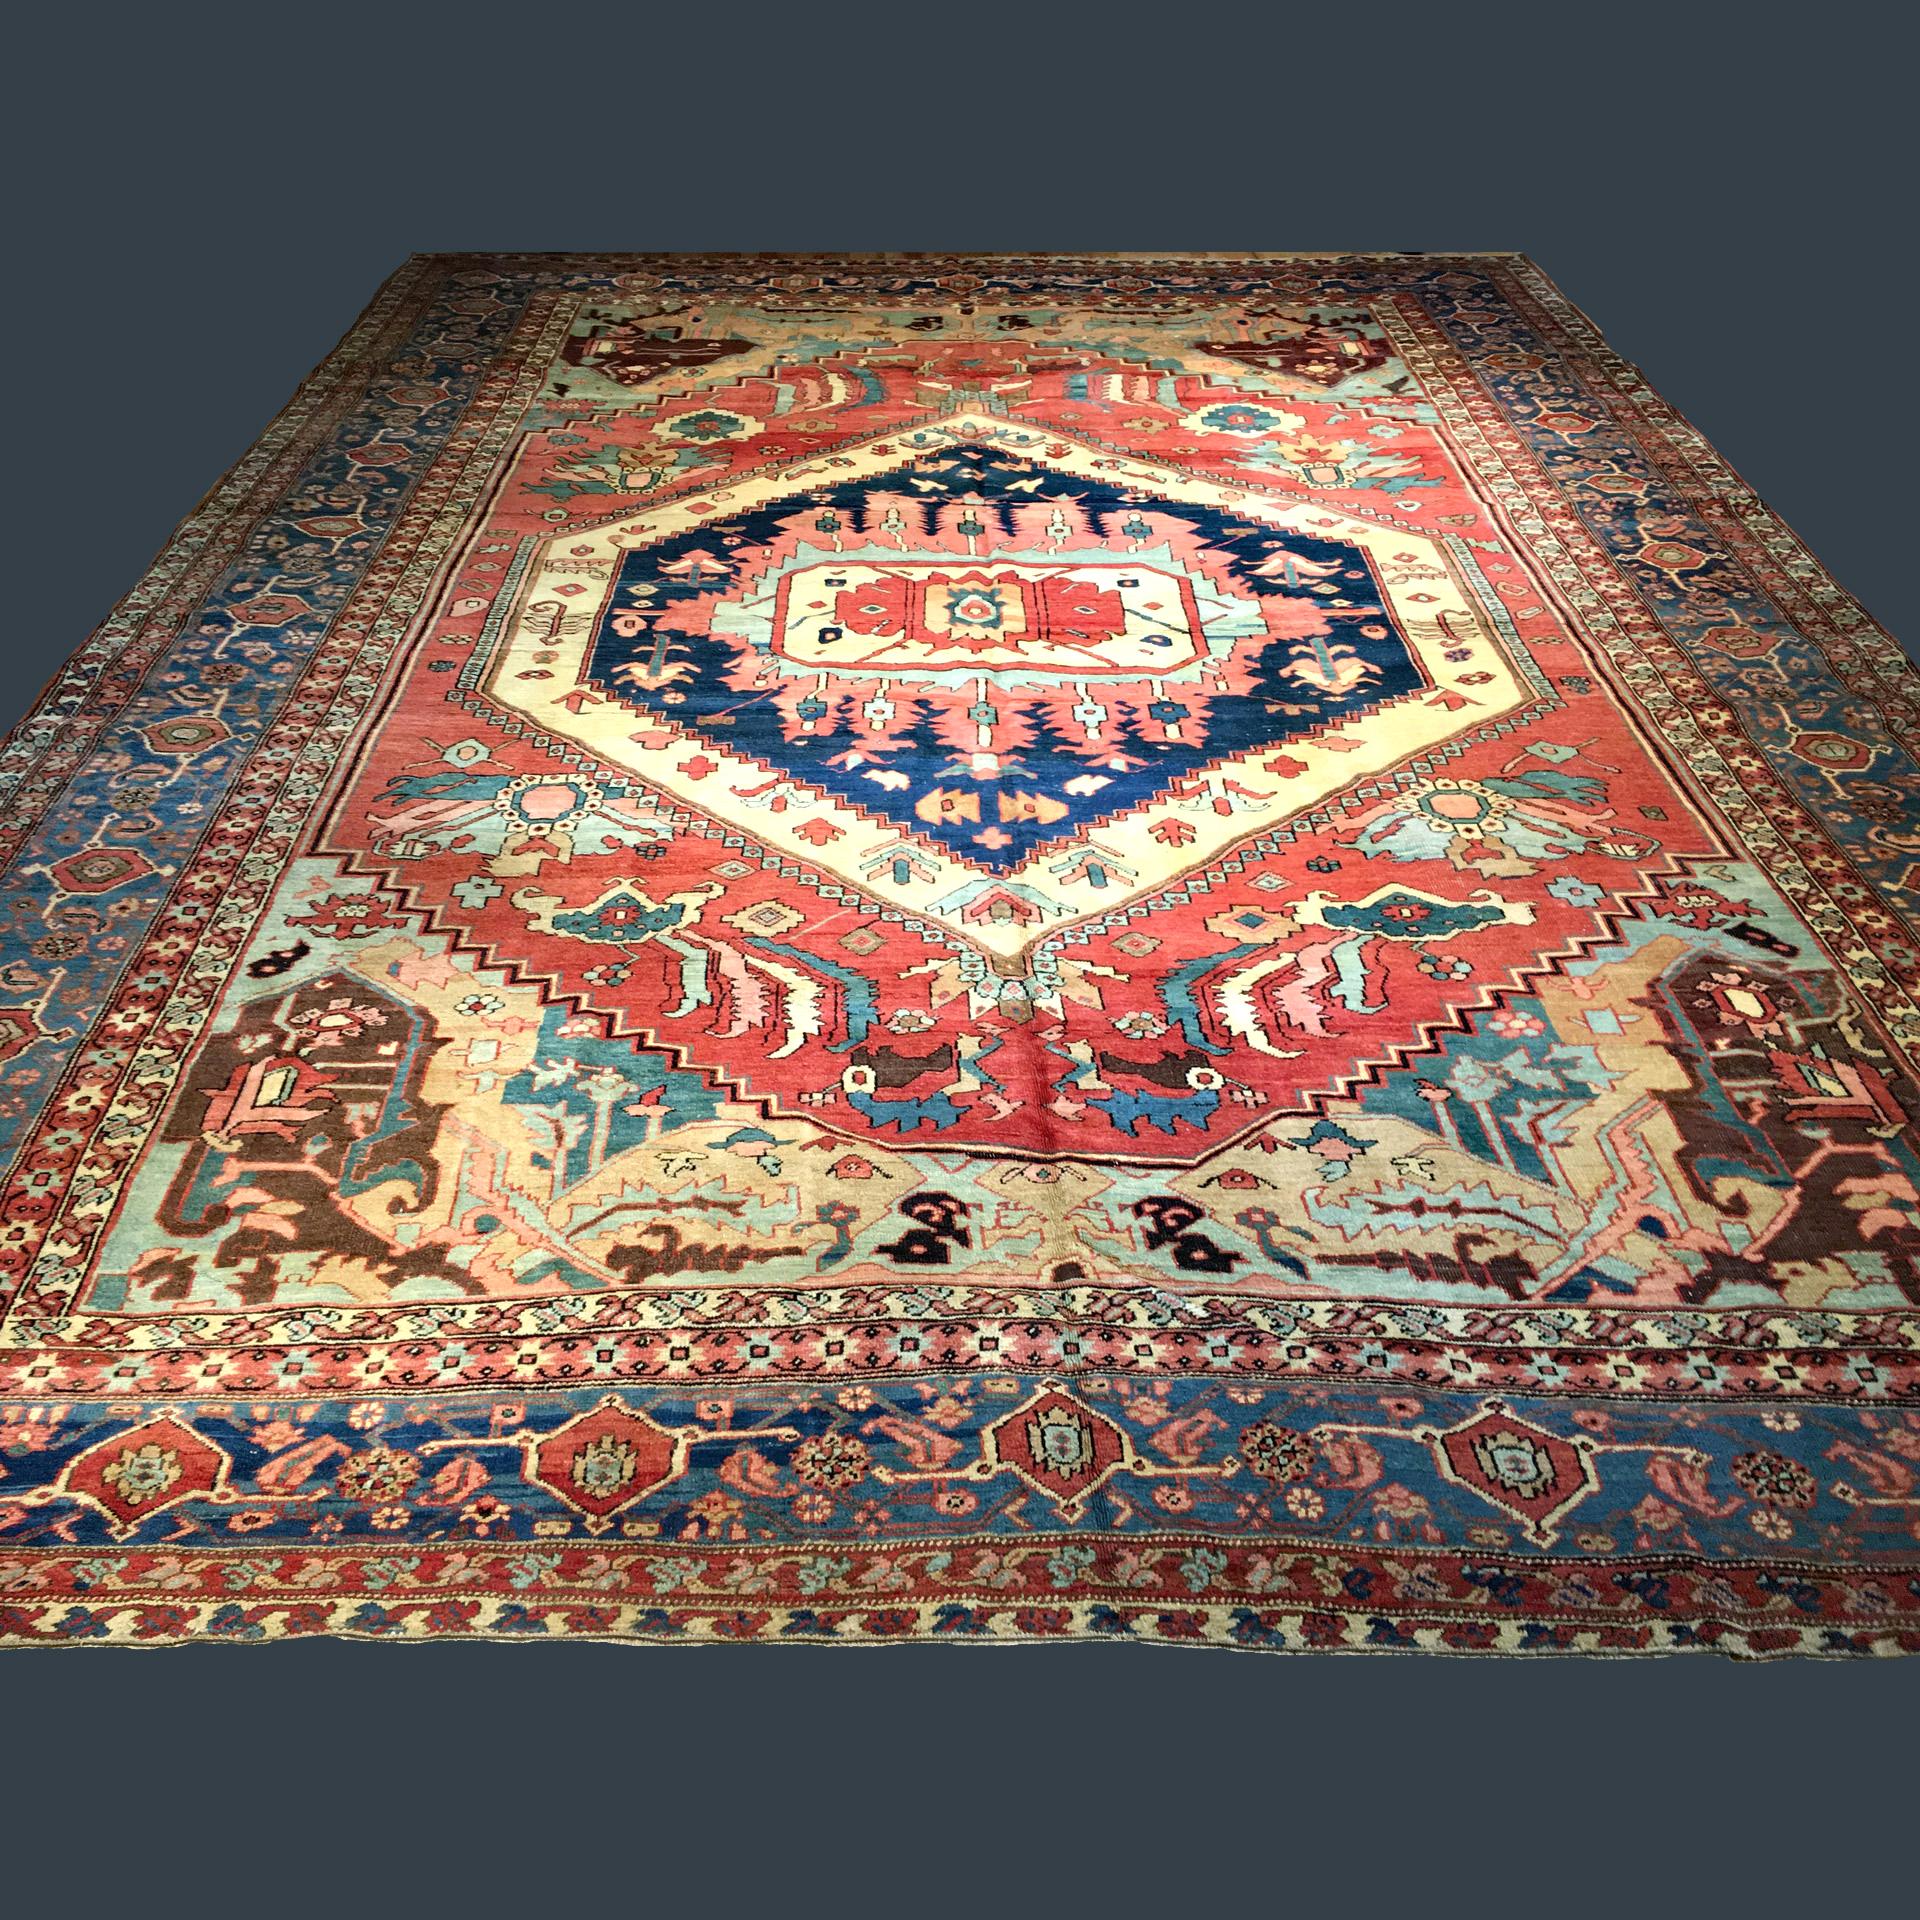 Antique northwest Persian Bakshaish carpet